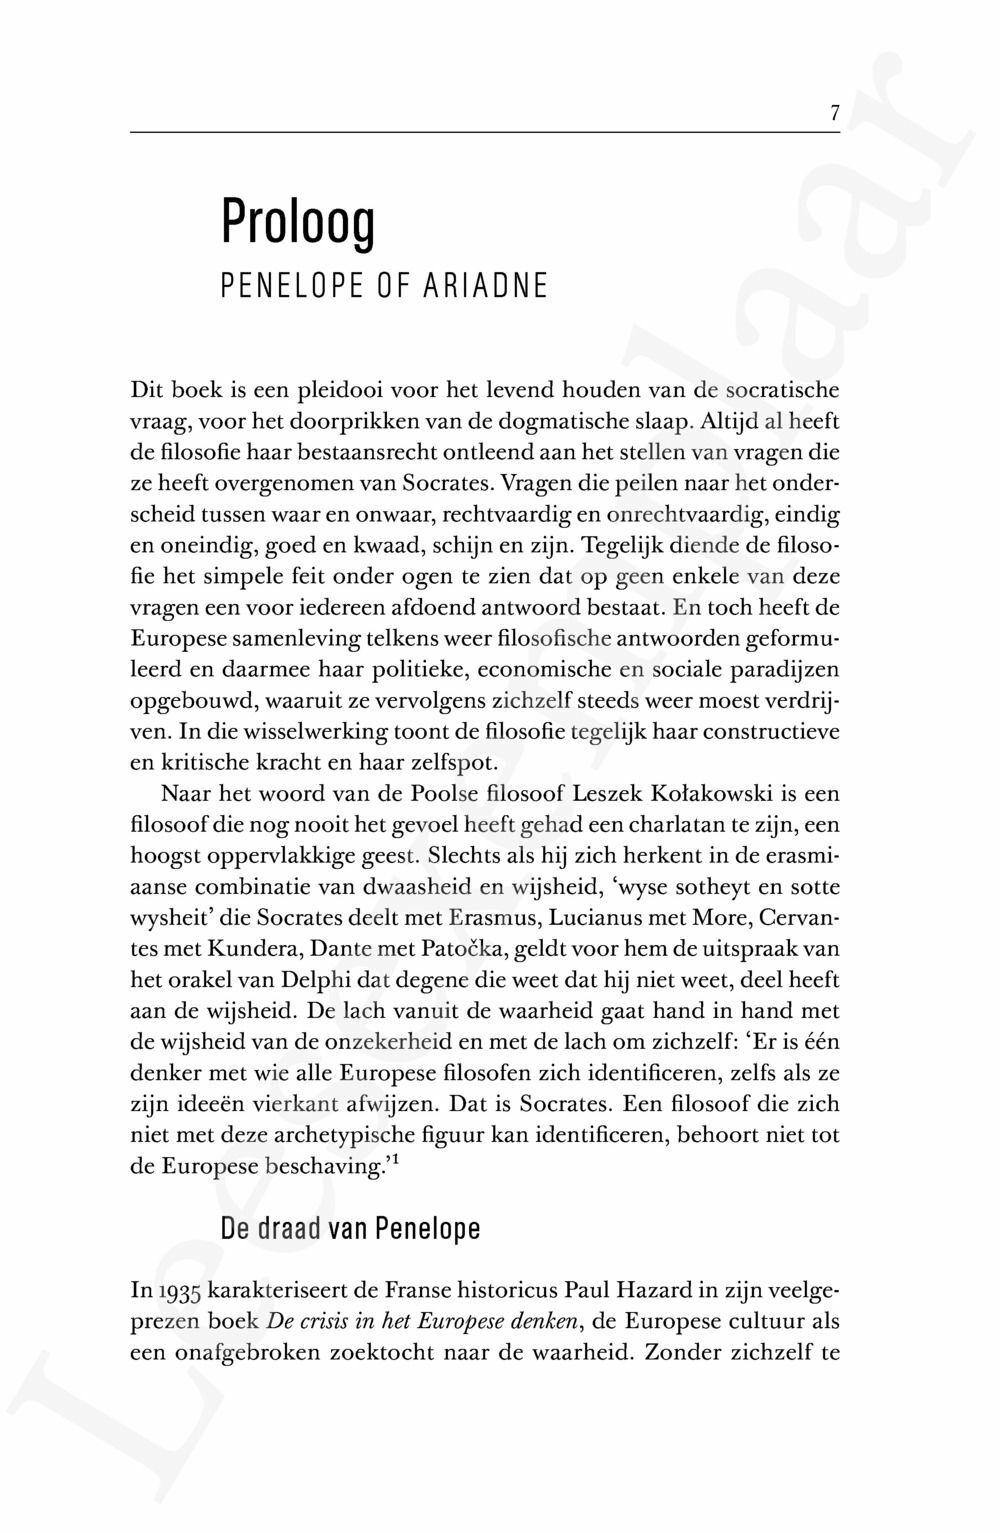 Preview: De draad van Penelope (herdruk)